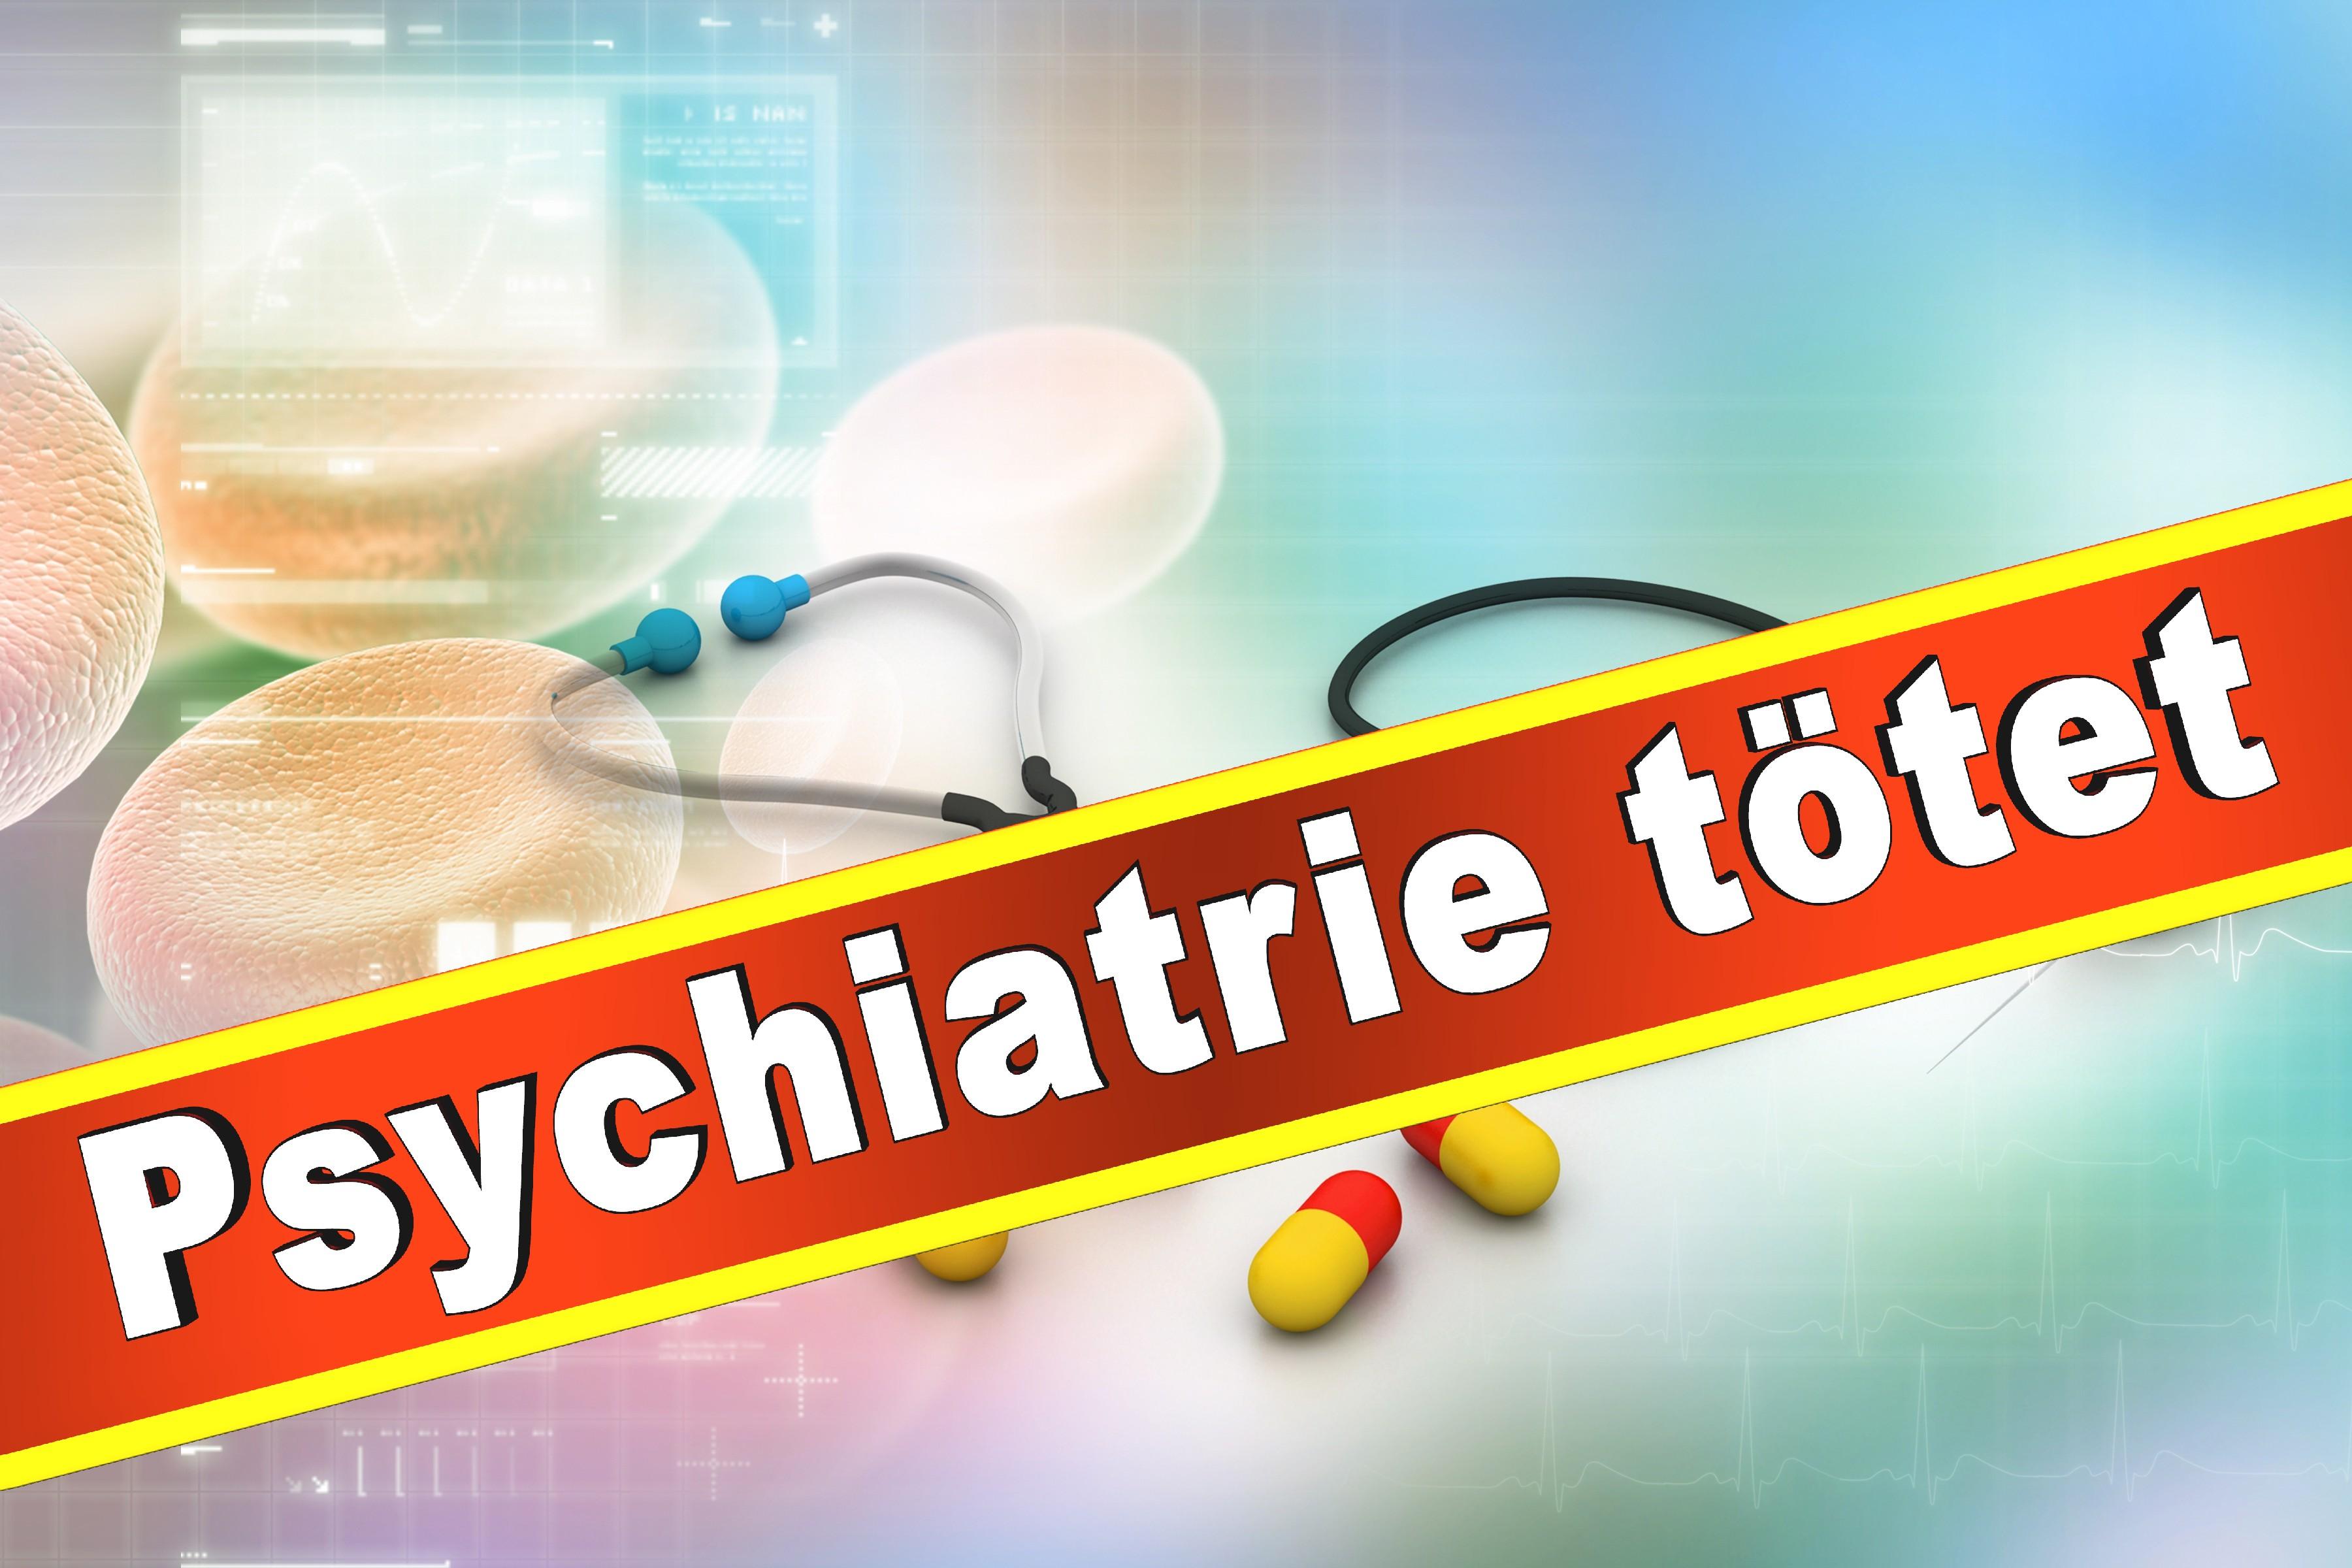 Carl Ernst Von Schönfeld Tagesklinik Psychiatrie Tod Bethel Psychiater Korruption Gift Zwangspsychiatrie Unterbringung (19)